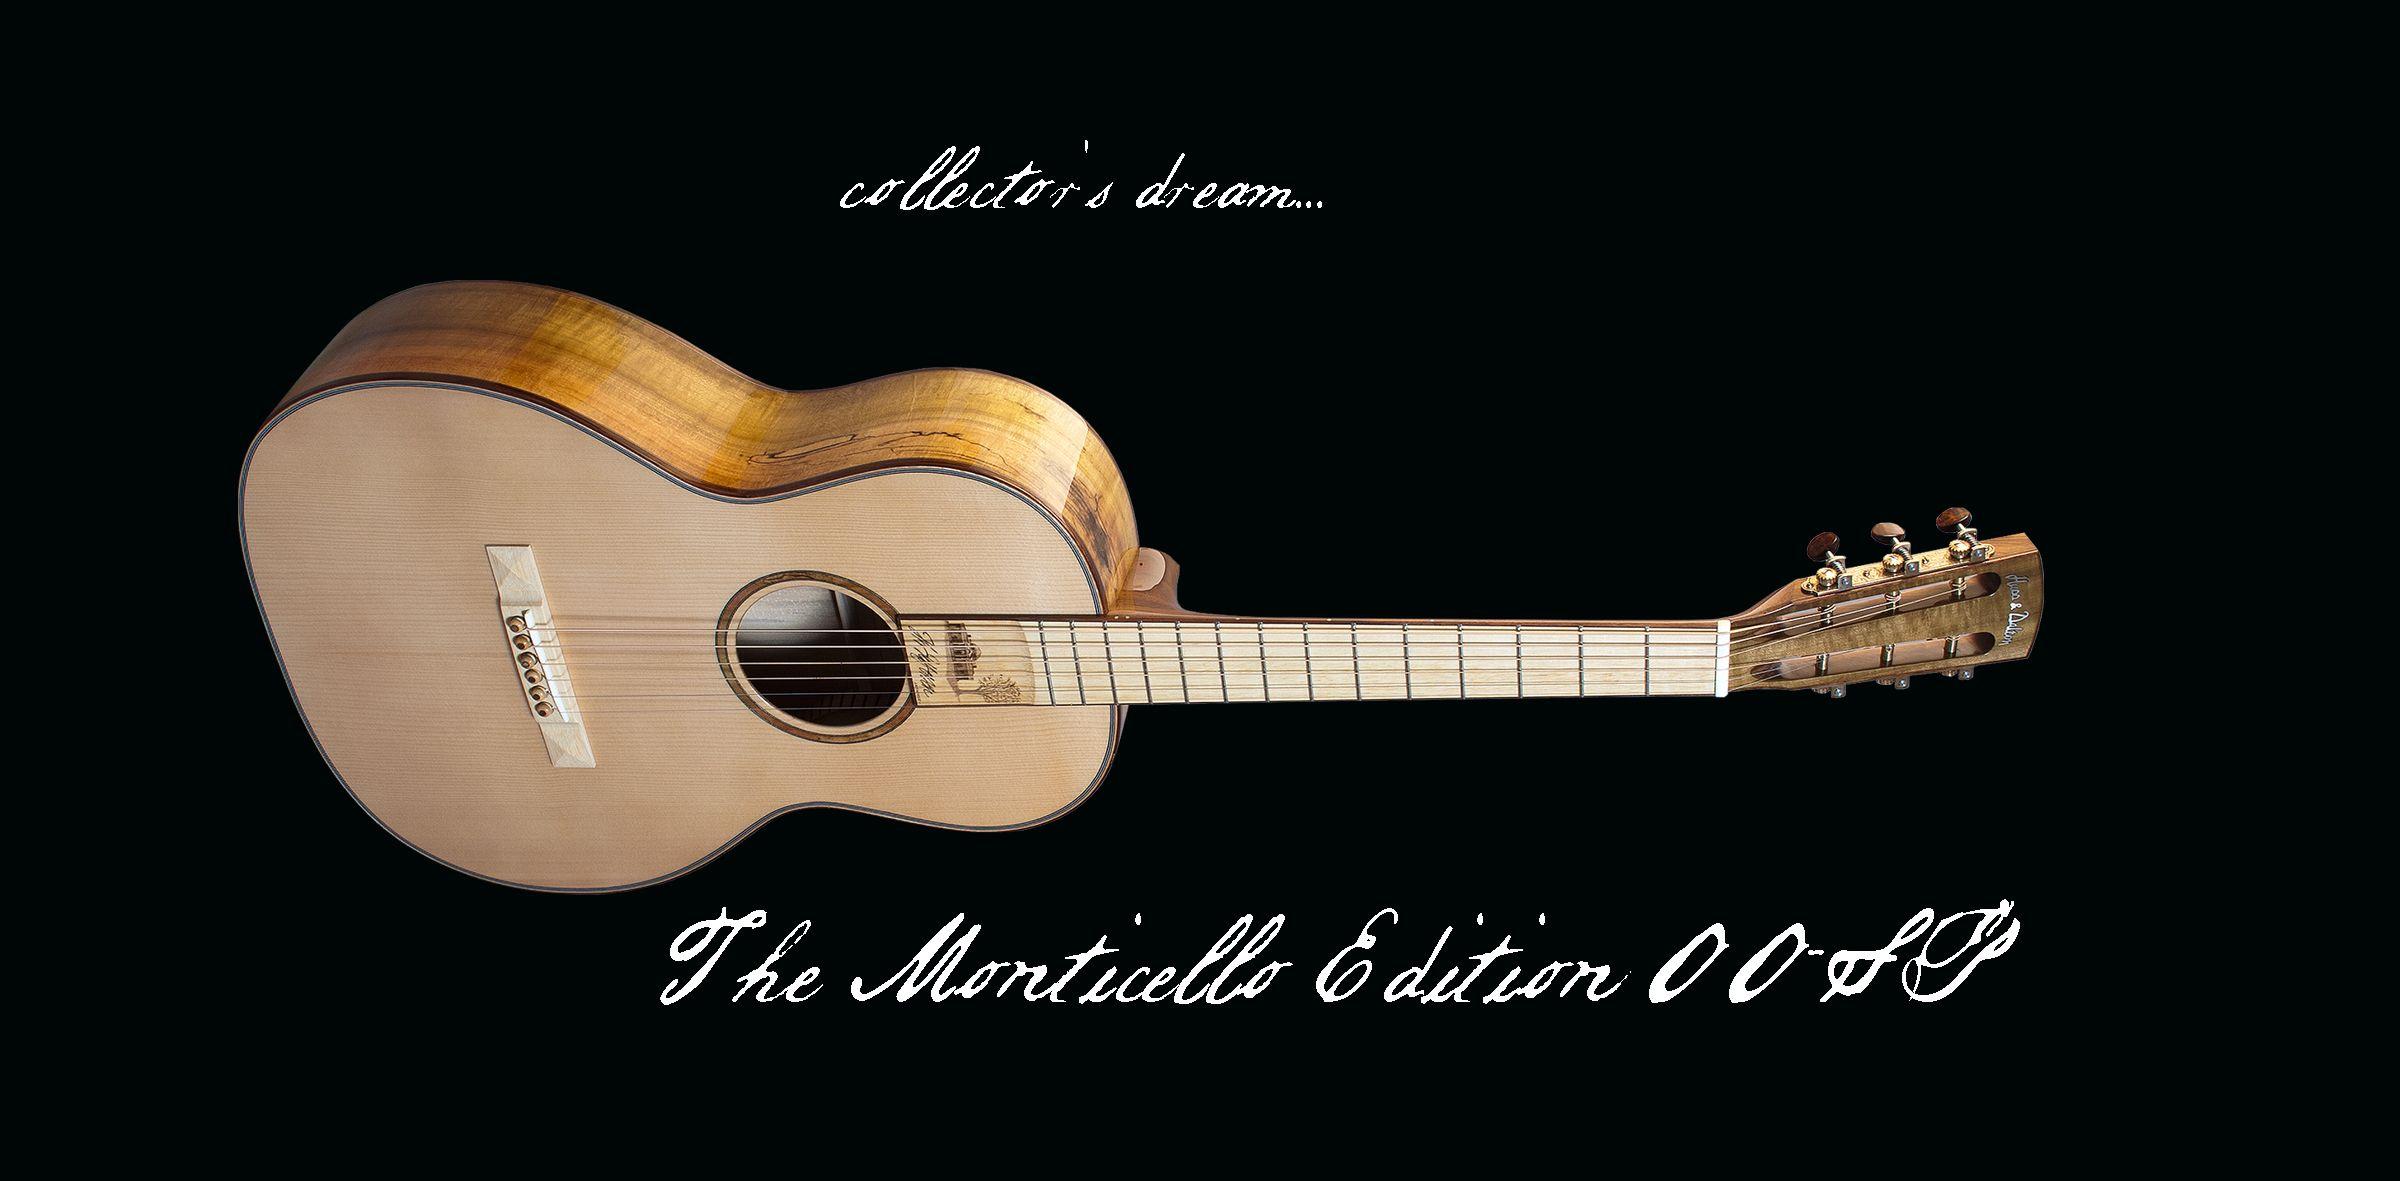 Mark Dalton Open Shirt - Mark Dalton Collection - Pinterest